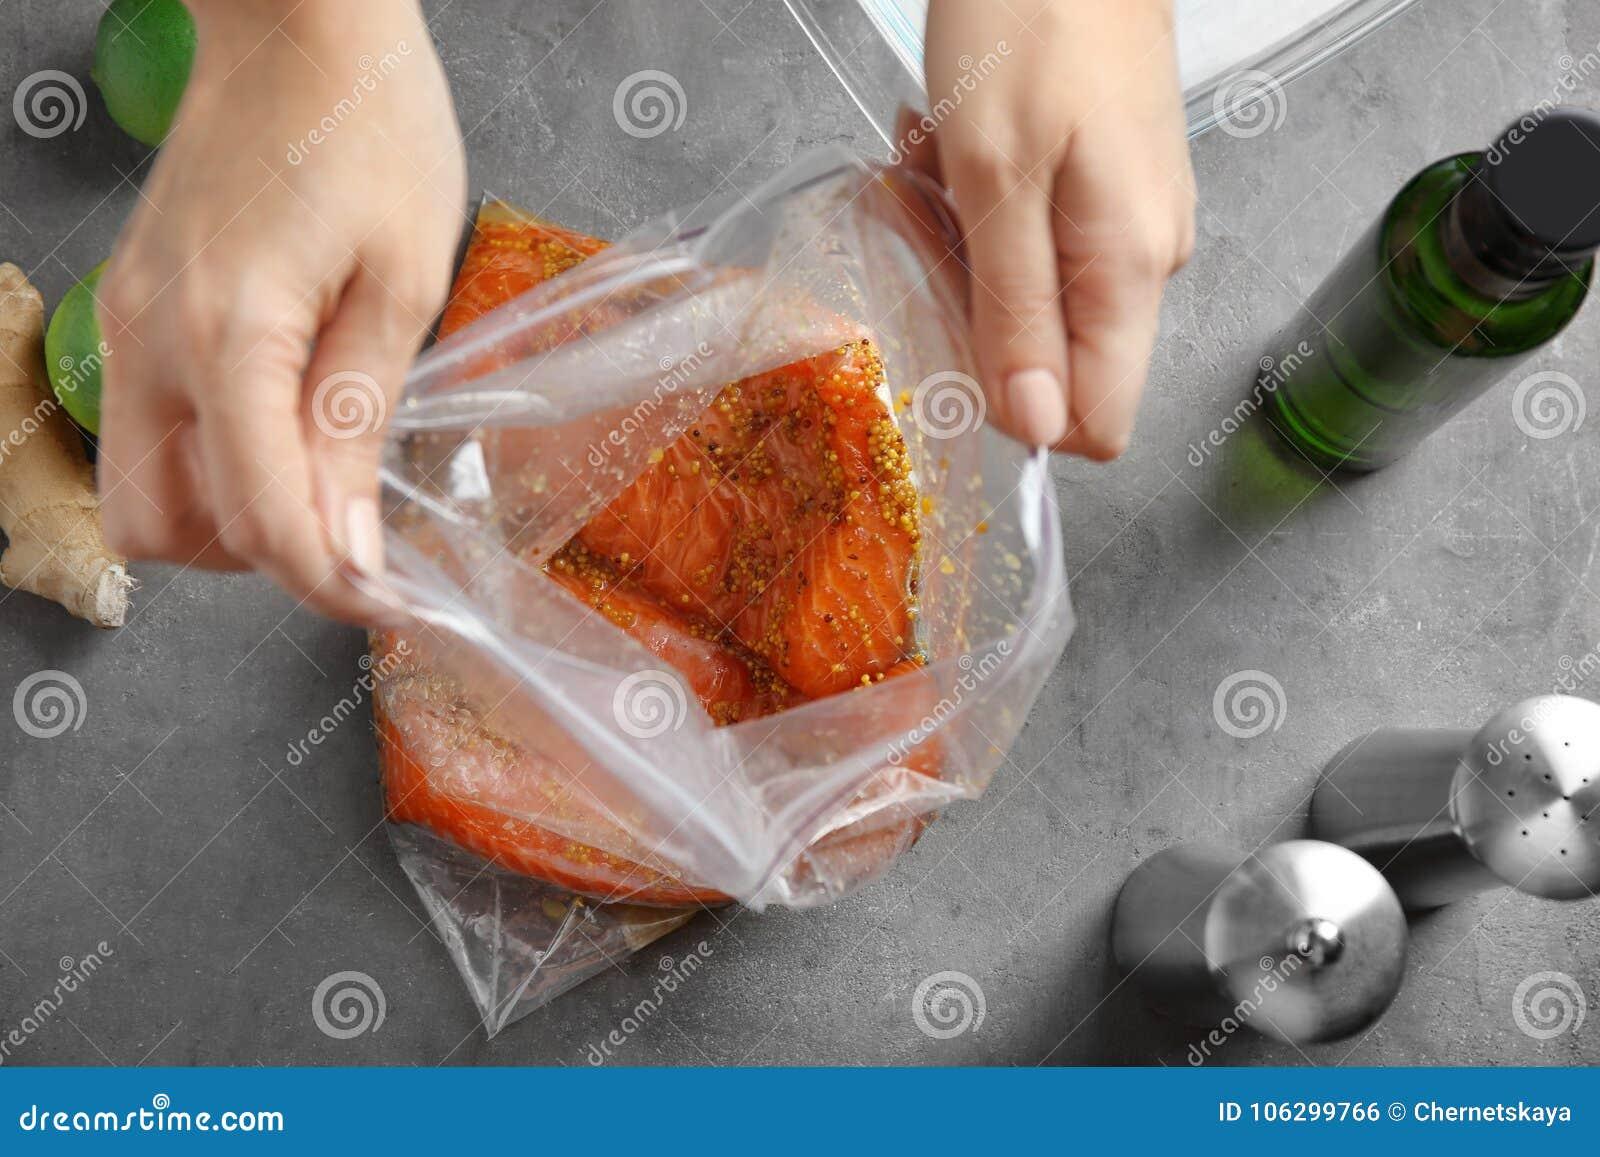 Femme préparant le filet saumoné avec la marinade de moutarde de miel dans le sac de serrure de fermeture éclair